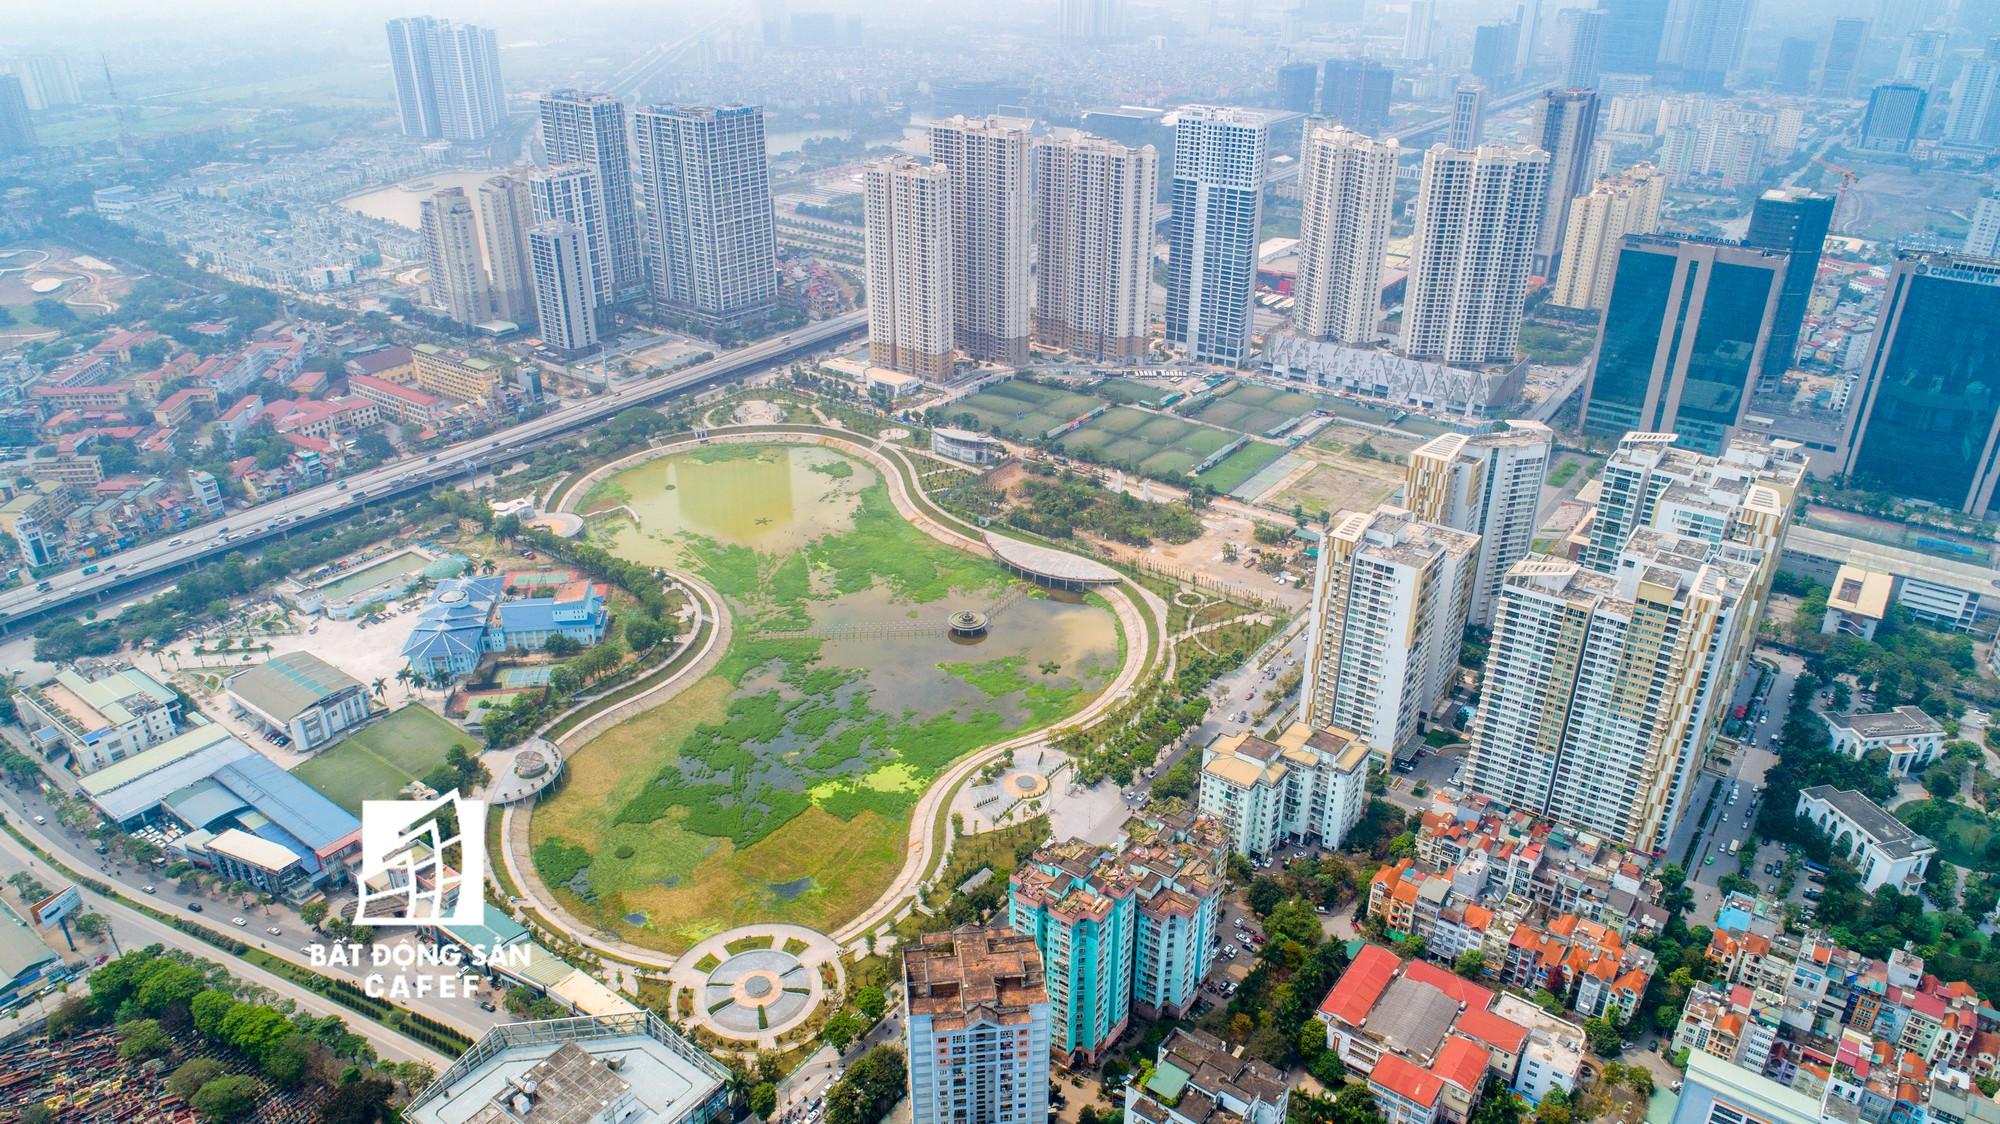 """Toàn cảnh """"rừng"""" cao ốc đang bóp nghẹt khu đô thị kiểu mẫu bậc nhất Hà Nội - Ảnh 6."""